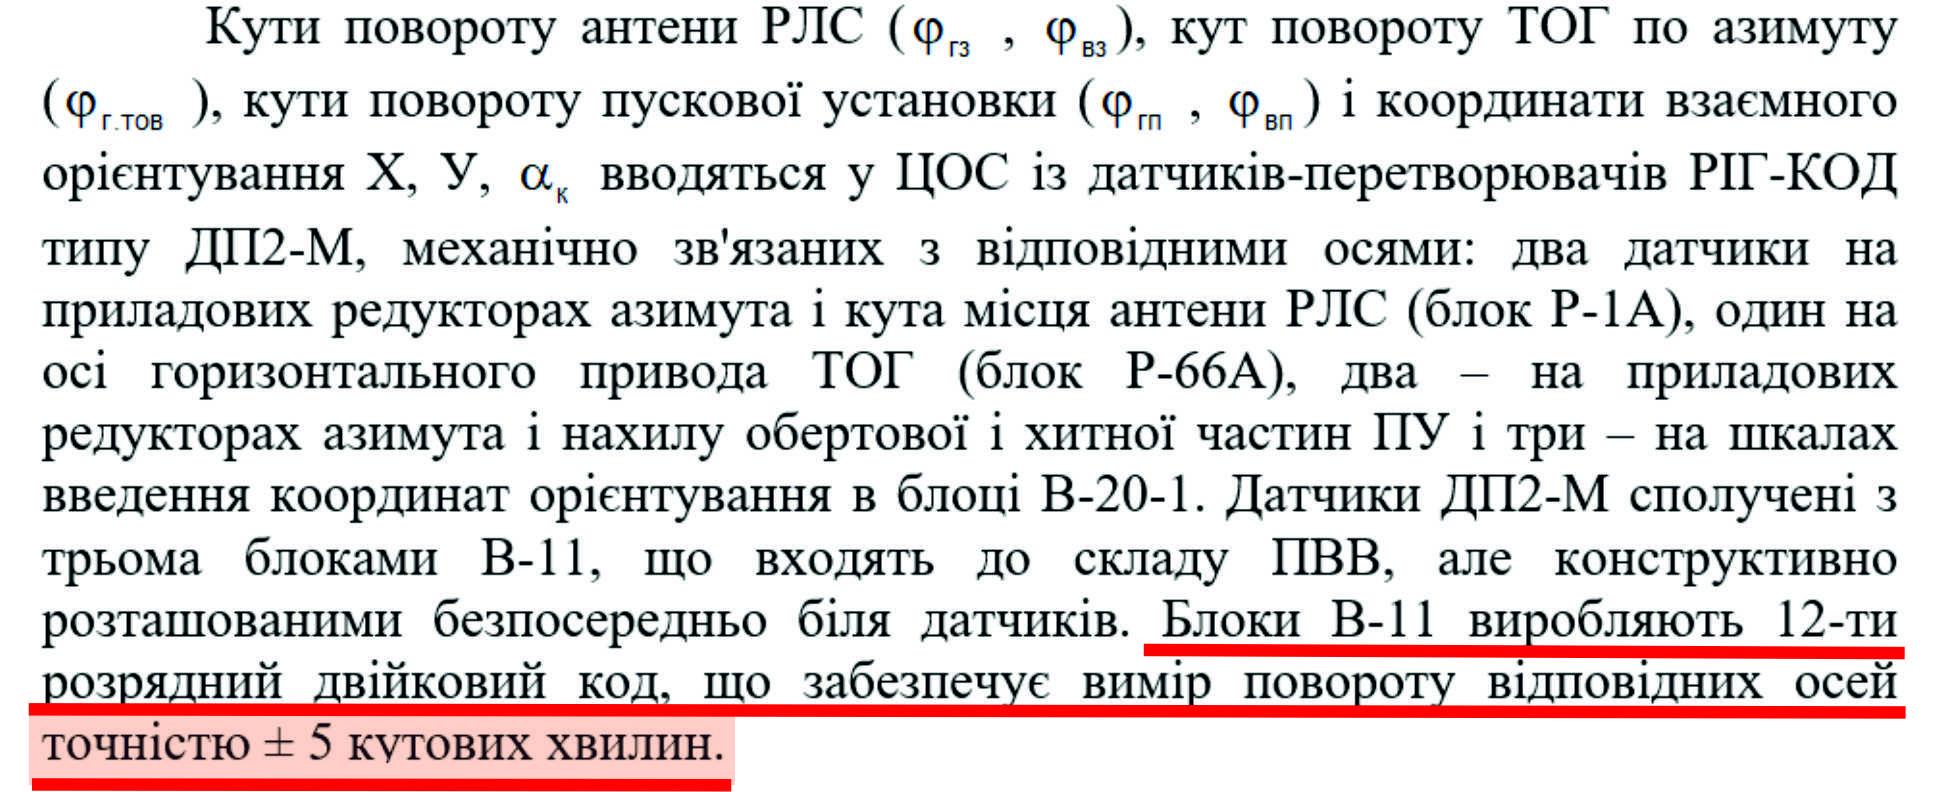 http://images.vfl.ru/ii/1611397108/def43a69/33065346.jpg